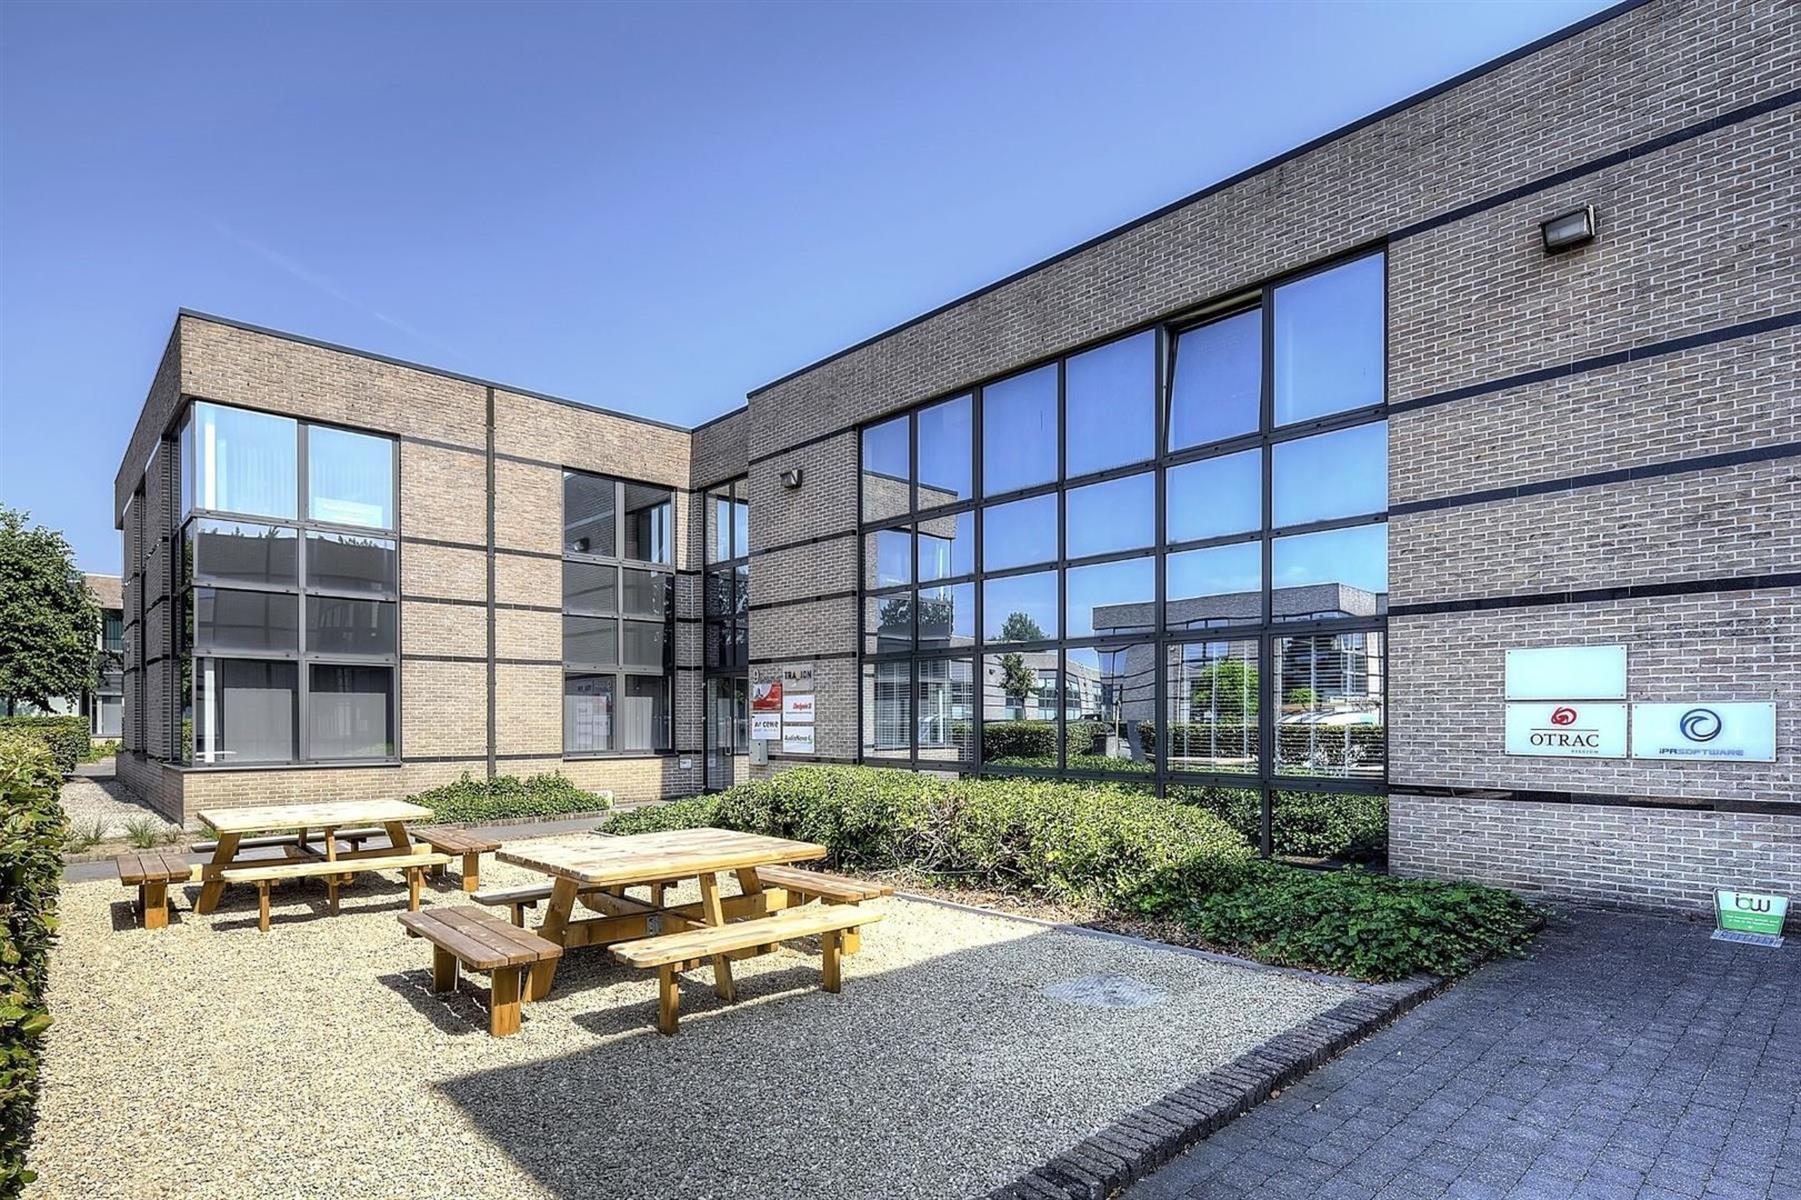 kantoor te huur I126 - 17B - unit 1/L - Generaal de Wittelaan 17, 2800 Mechelen, België 3